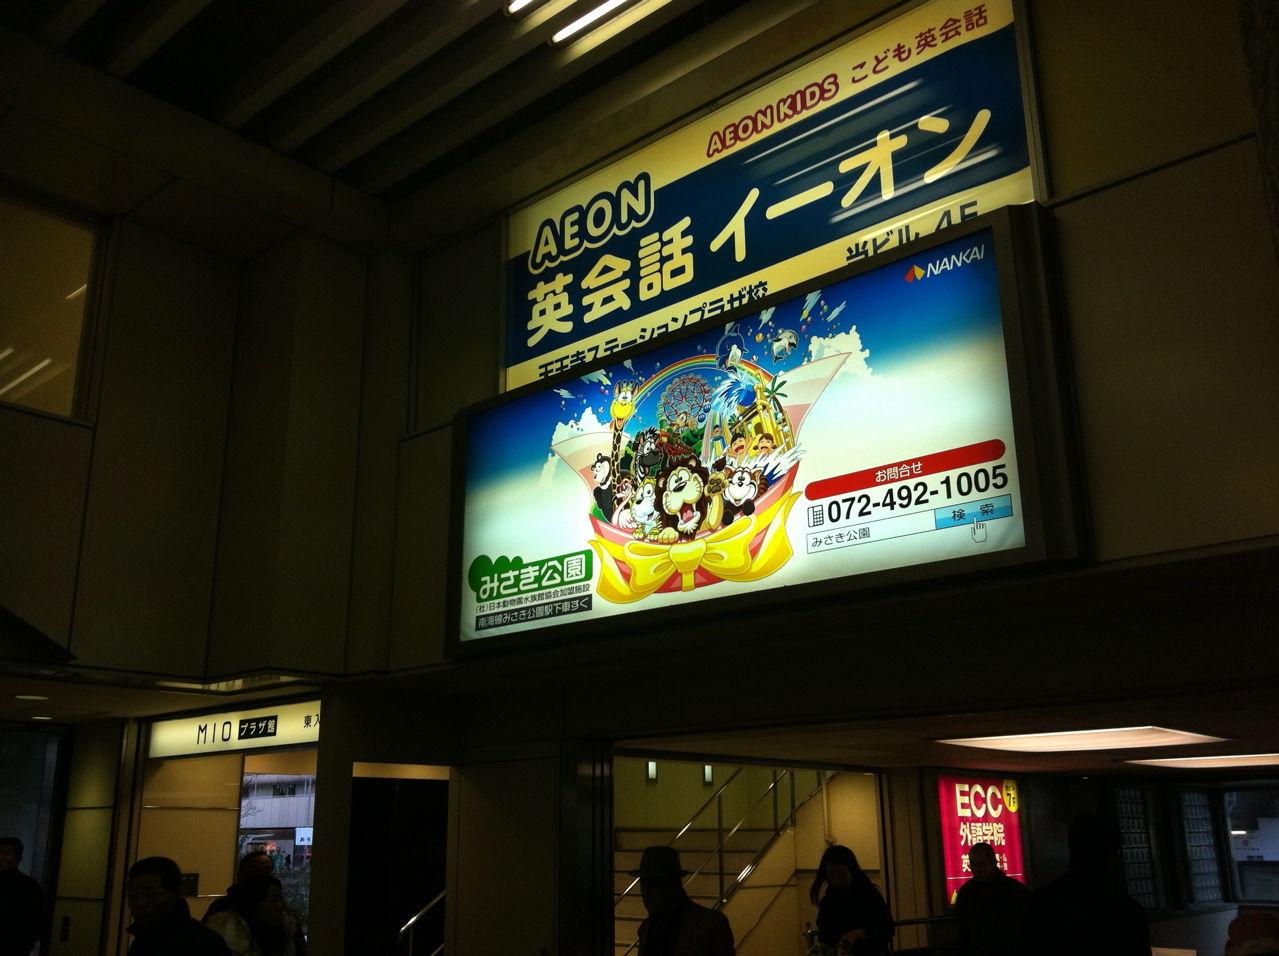 天王寺駅の「みさき公園」広告